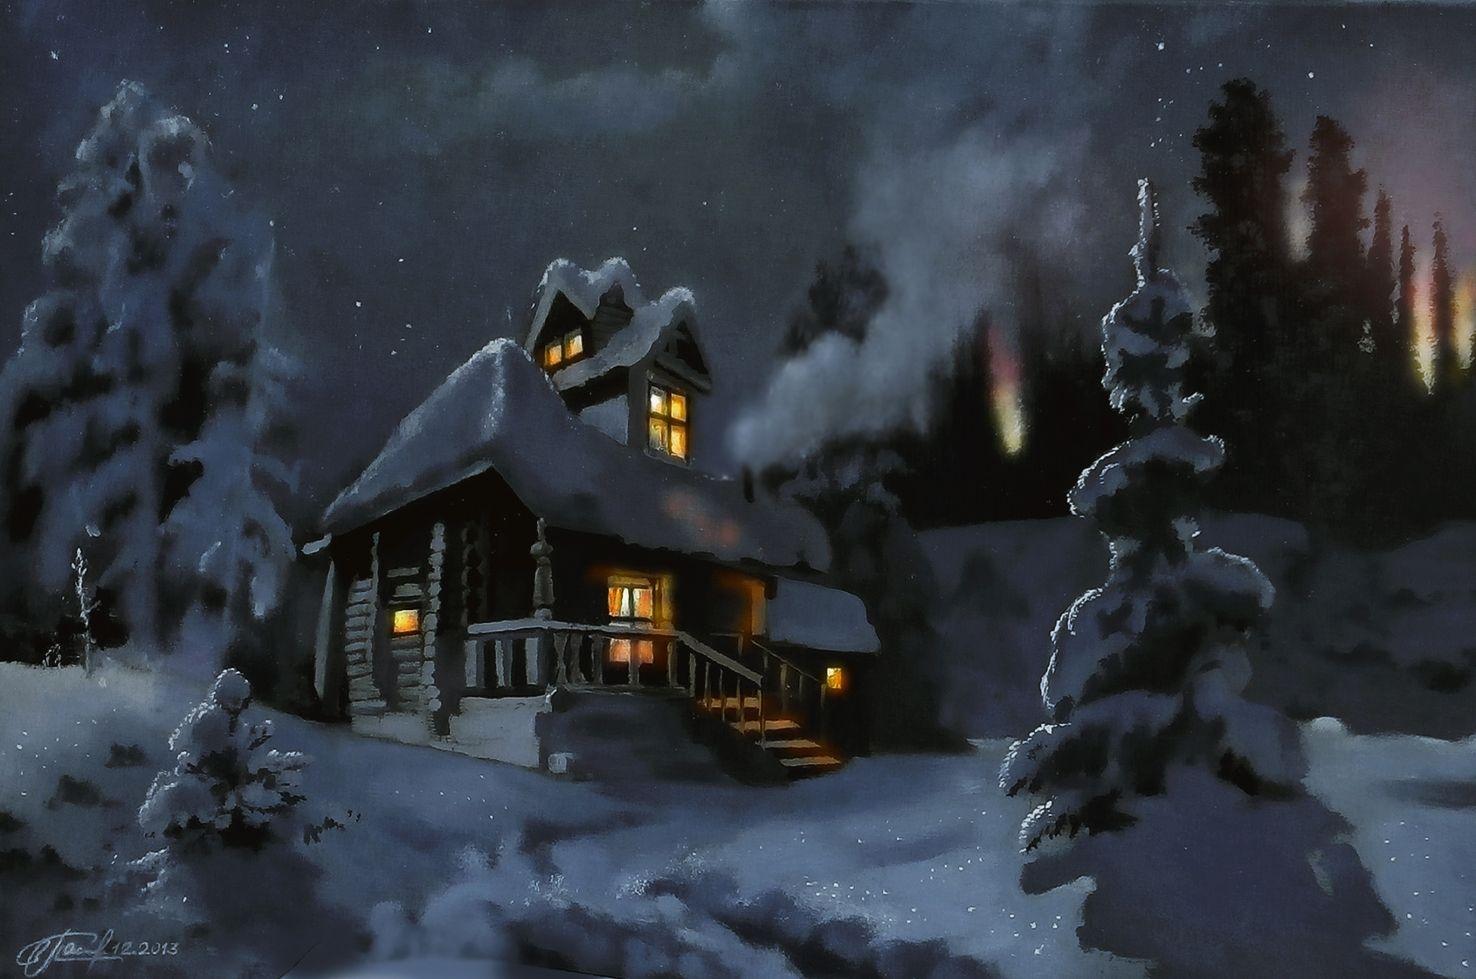 место новогодняя картинка с домом с дымом даньтянь часто переводят